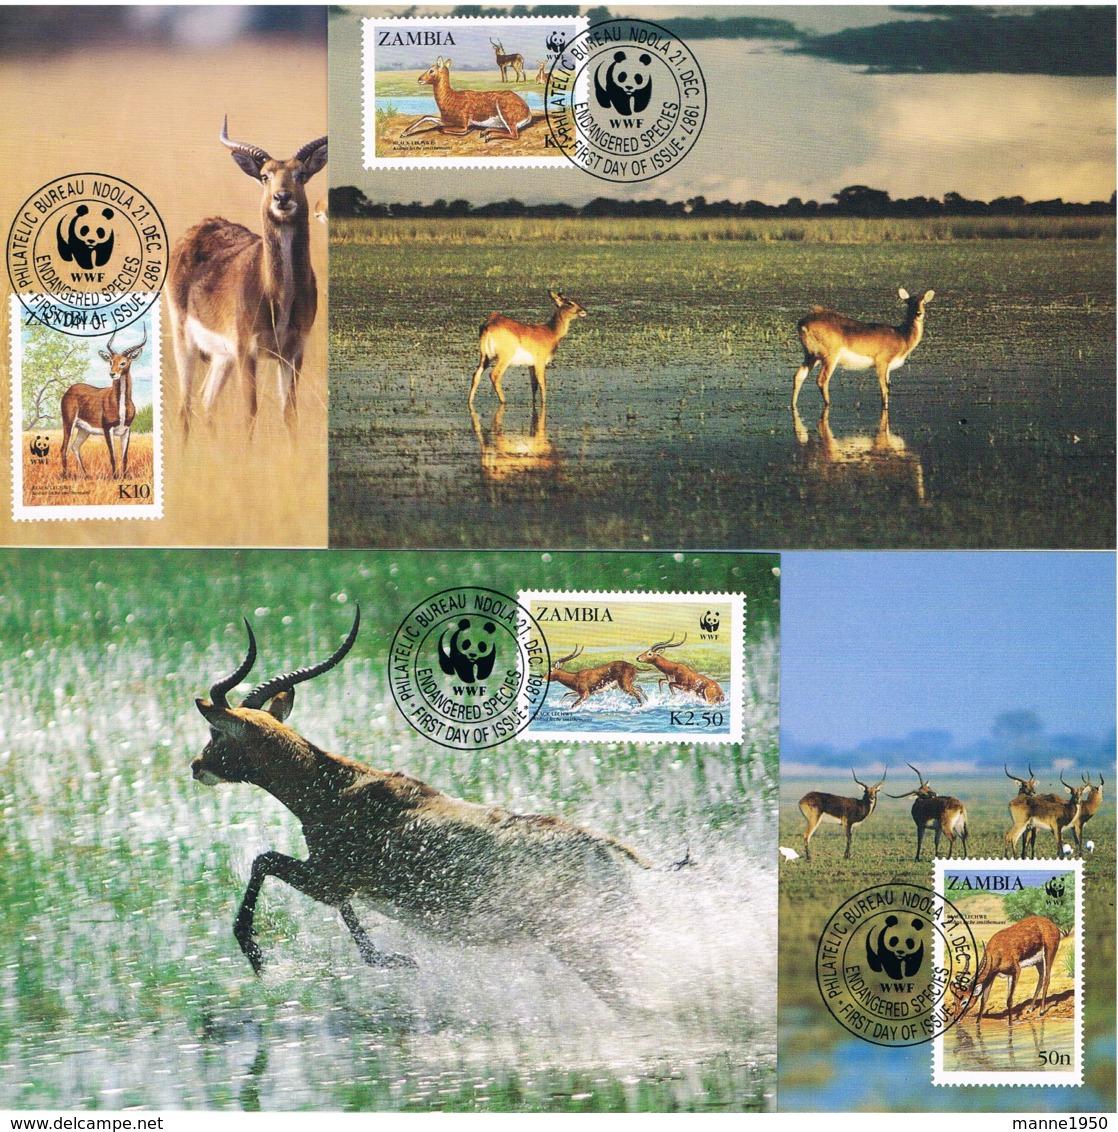 Zambia 1987 Tiere Mi.Nr. 438/41 Kpl. Satz Gest. Auf Maximumkarten - Zambia (1965-...)